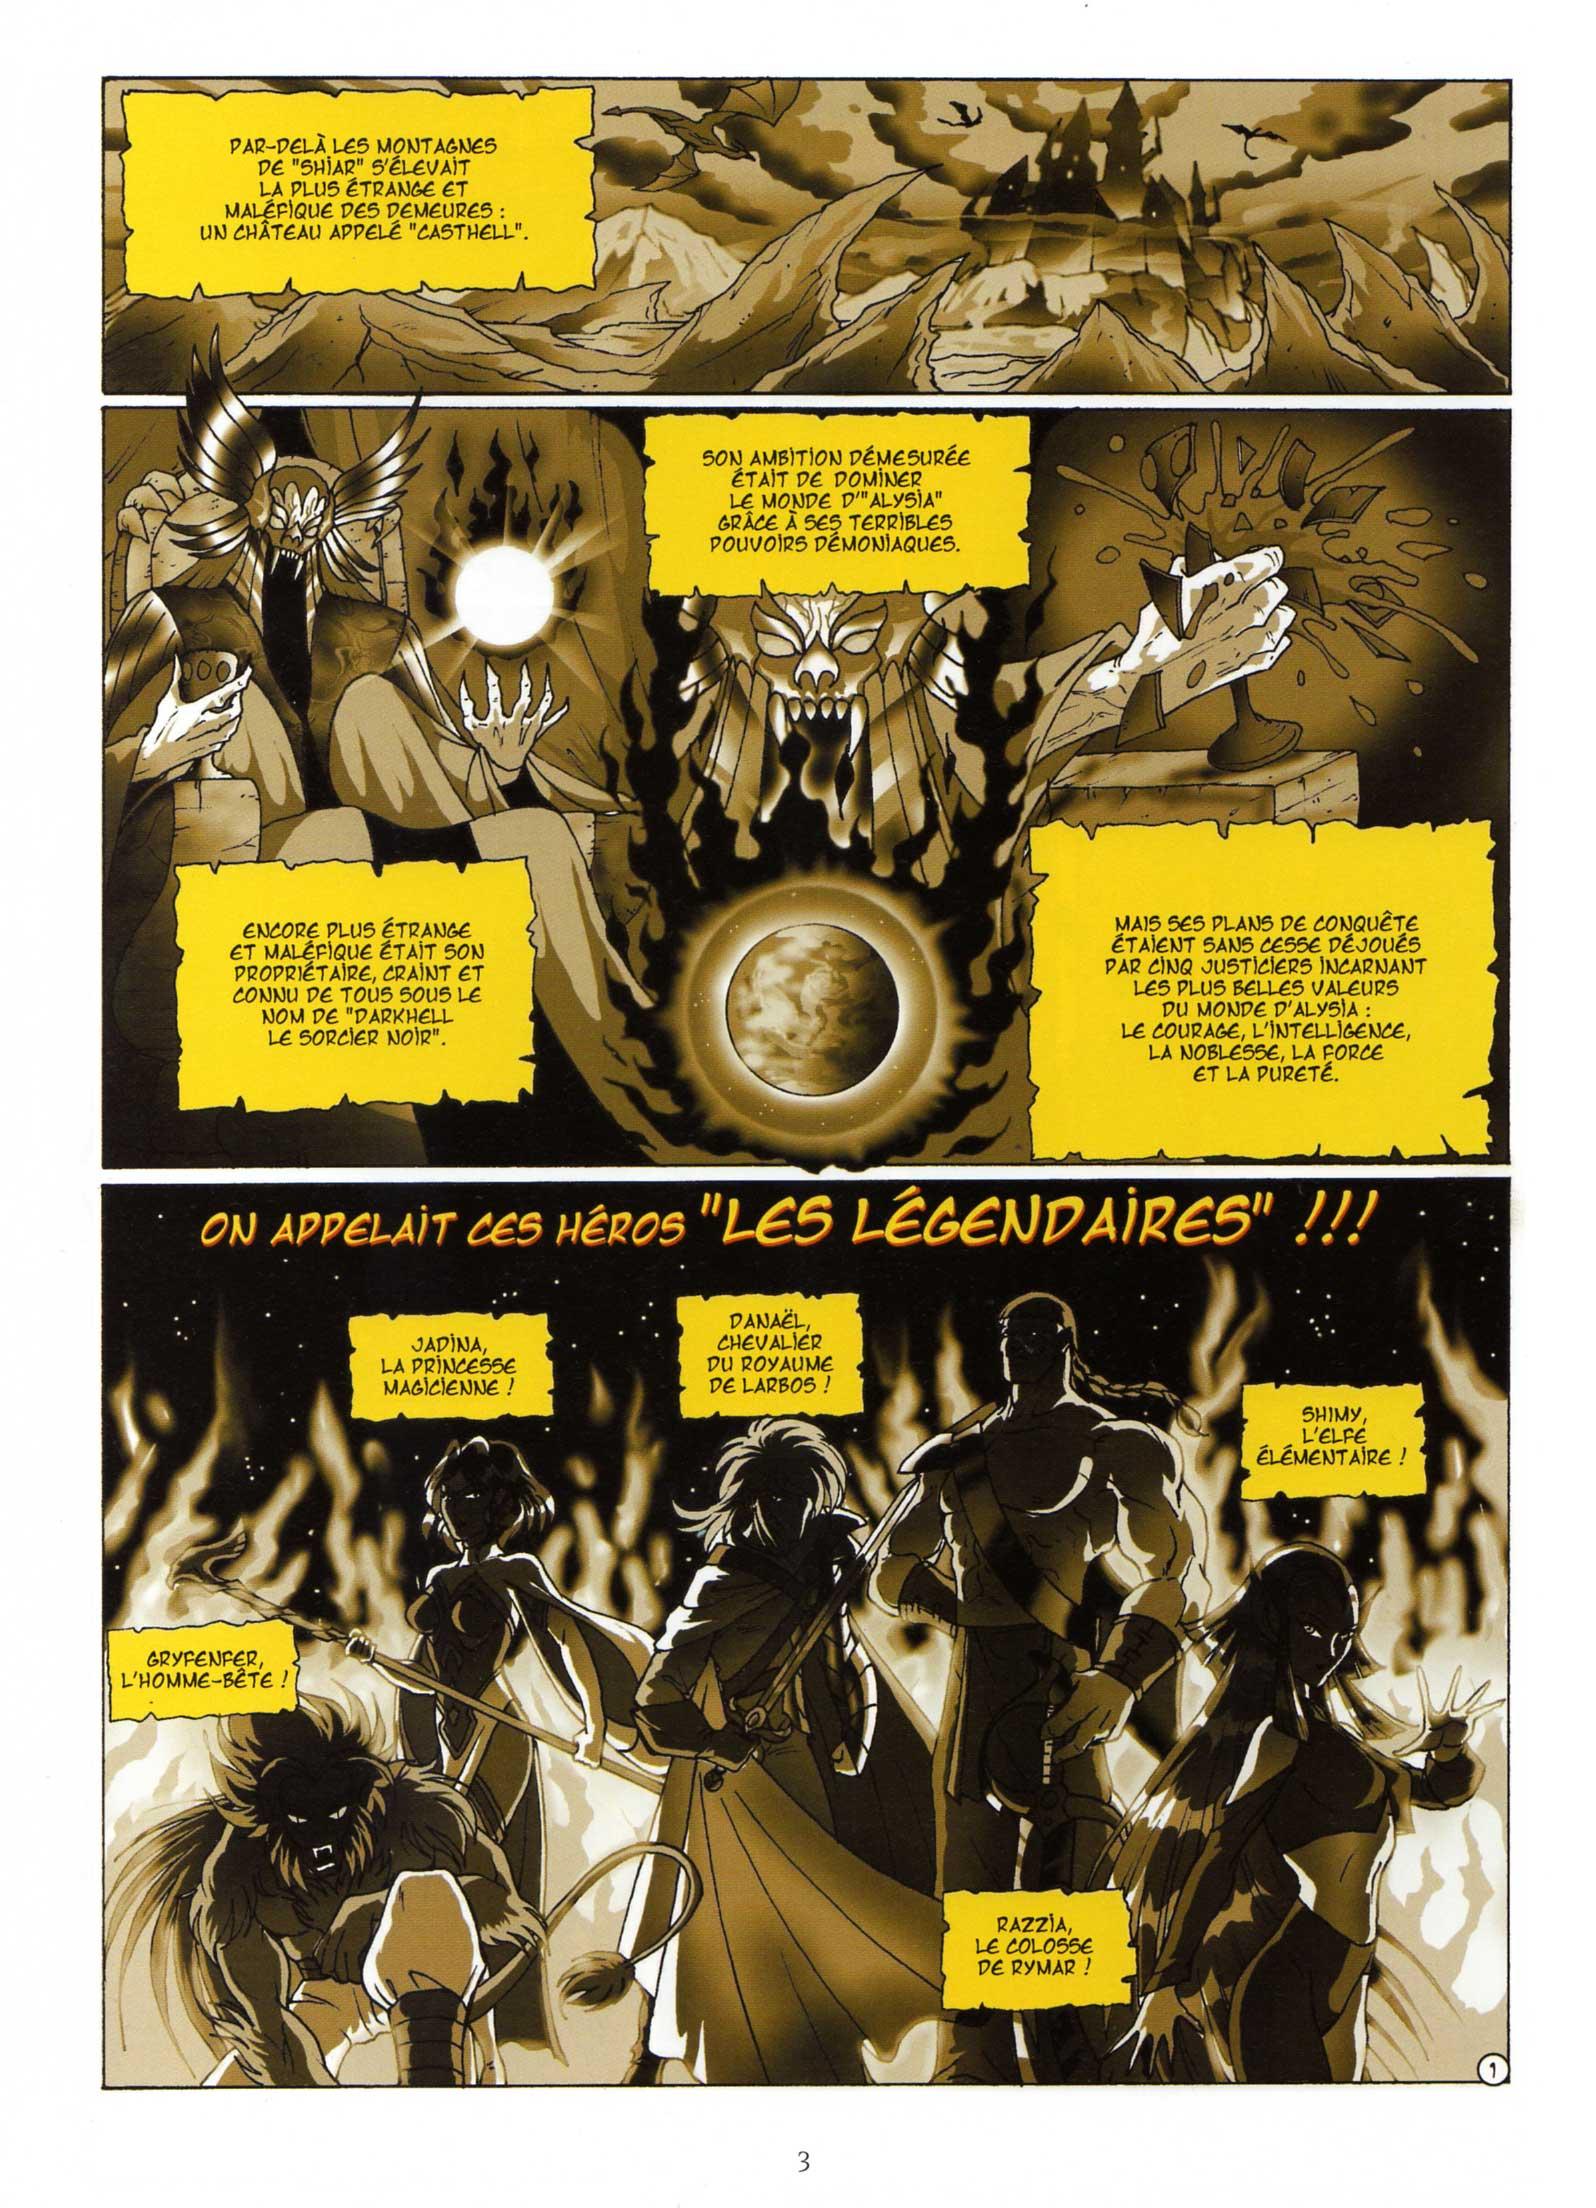 Les Légendaires Tome 1 : La Pierre de Jovénia : Page 1